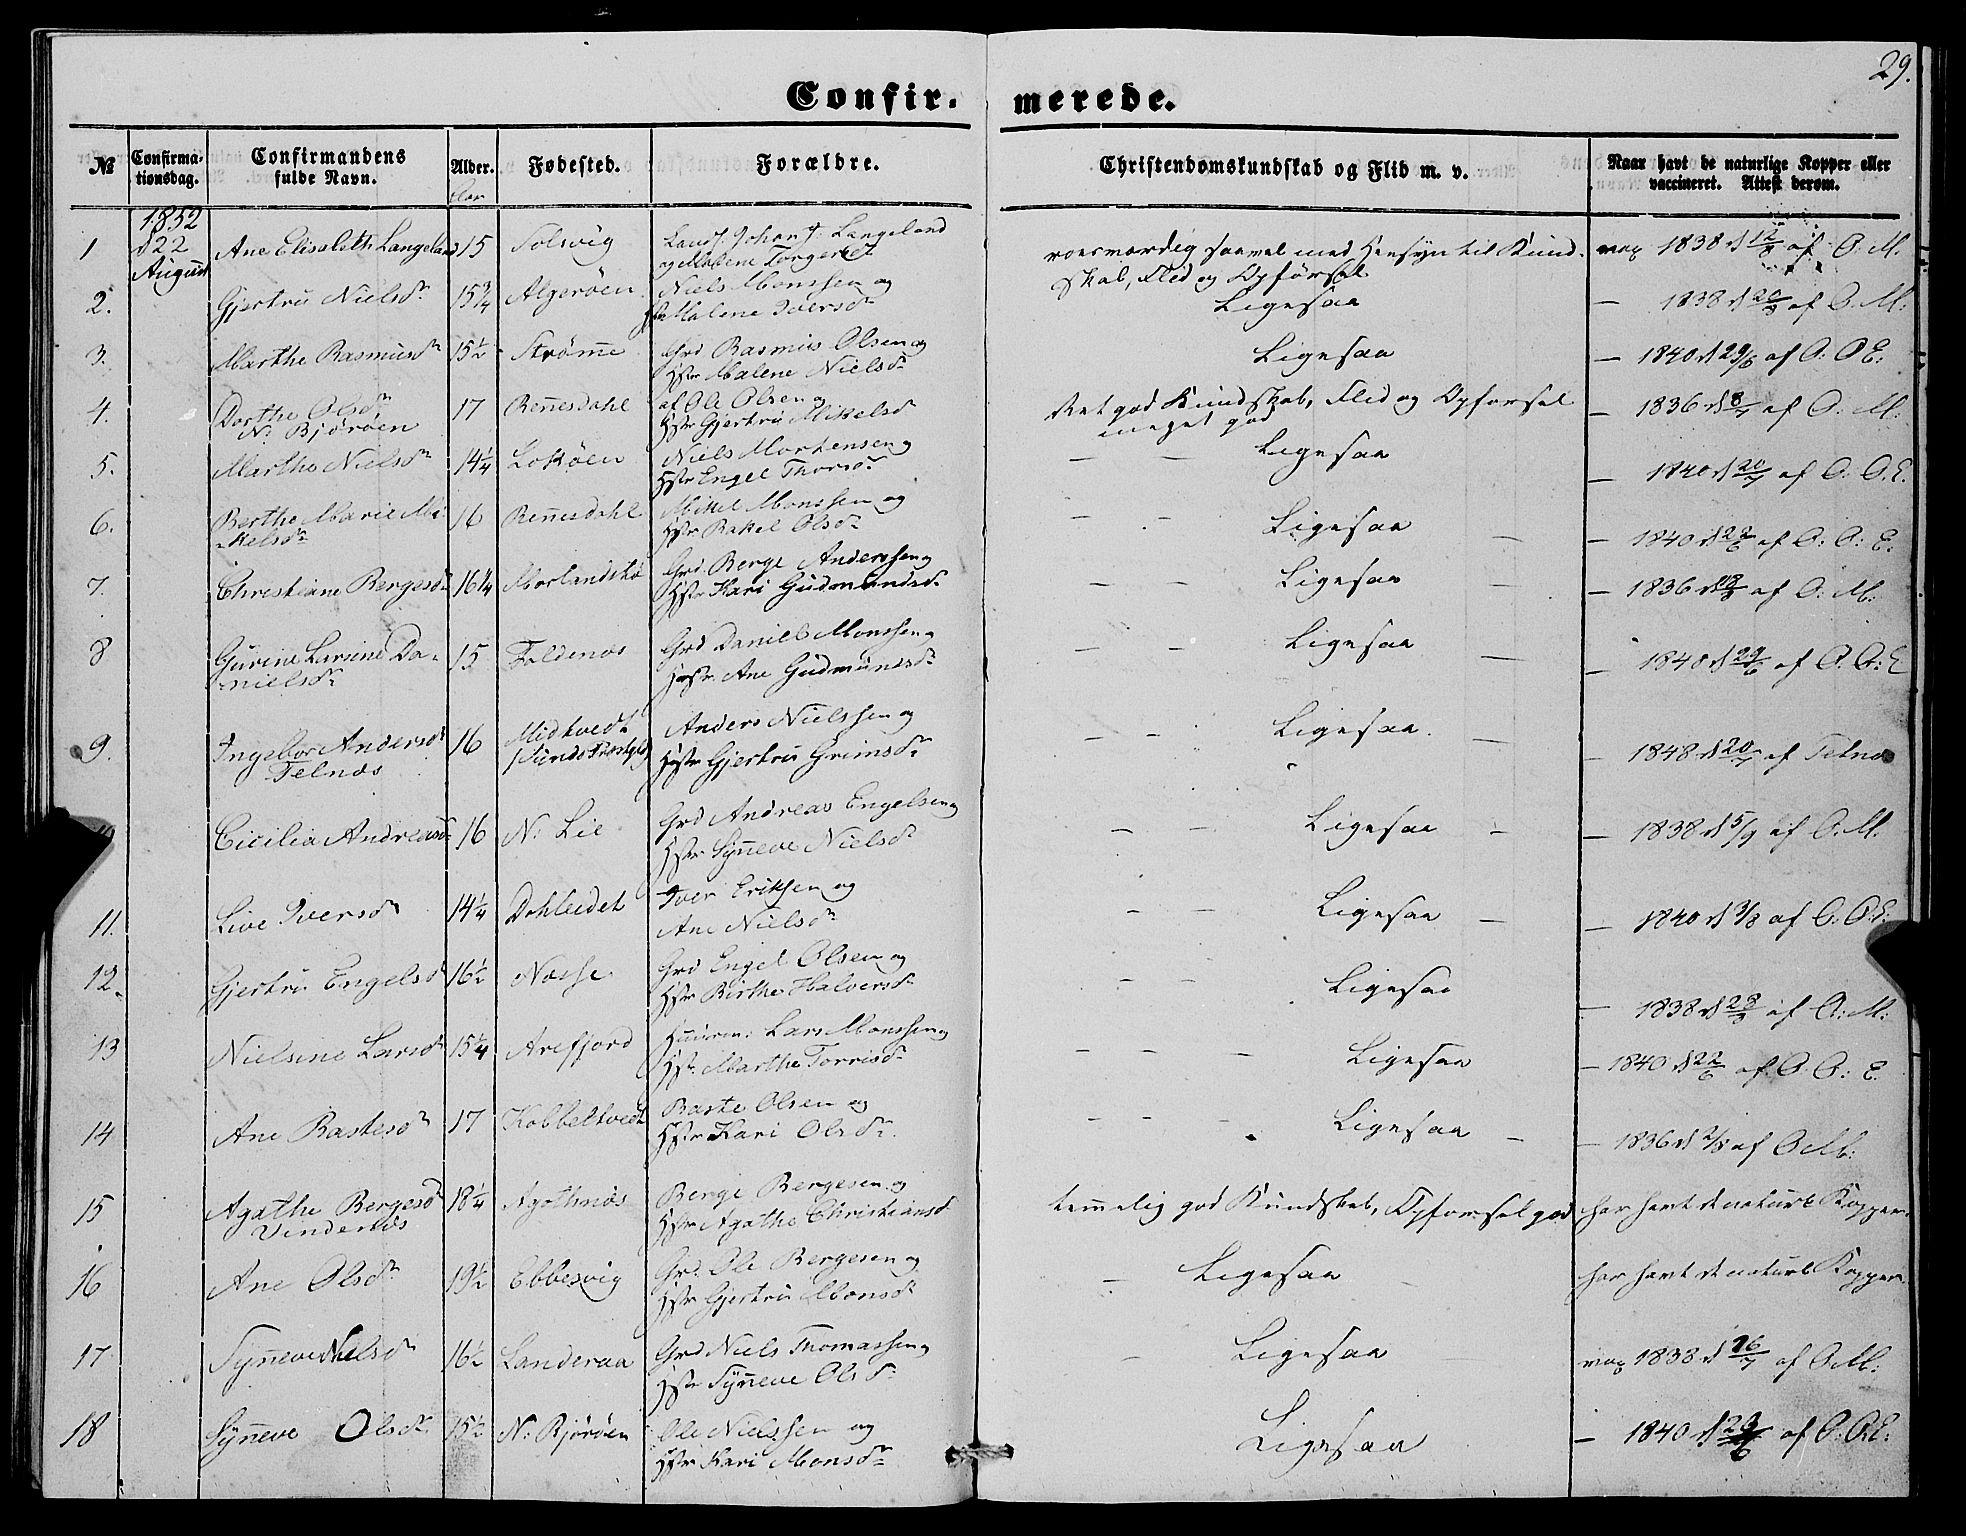 SAB, Fjell Sokneprestembete, H/Haa: Ministerialbok nr. A 4, 1851-1870, s. 29